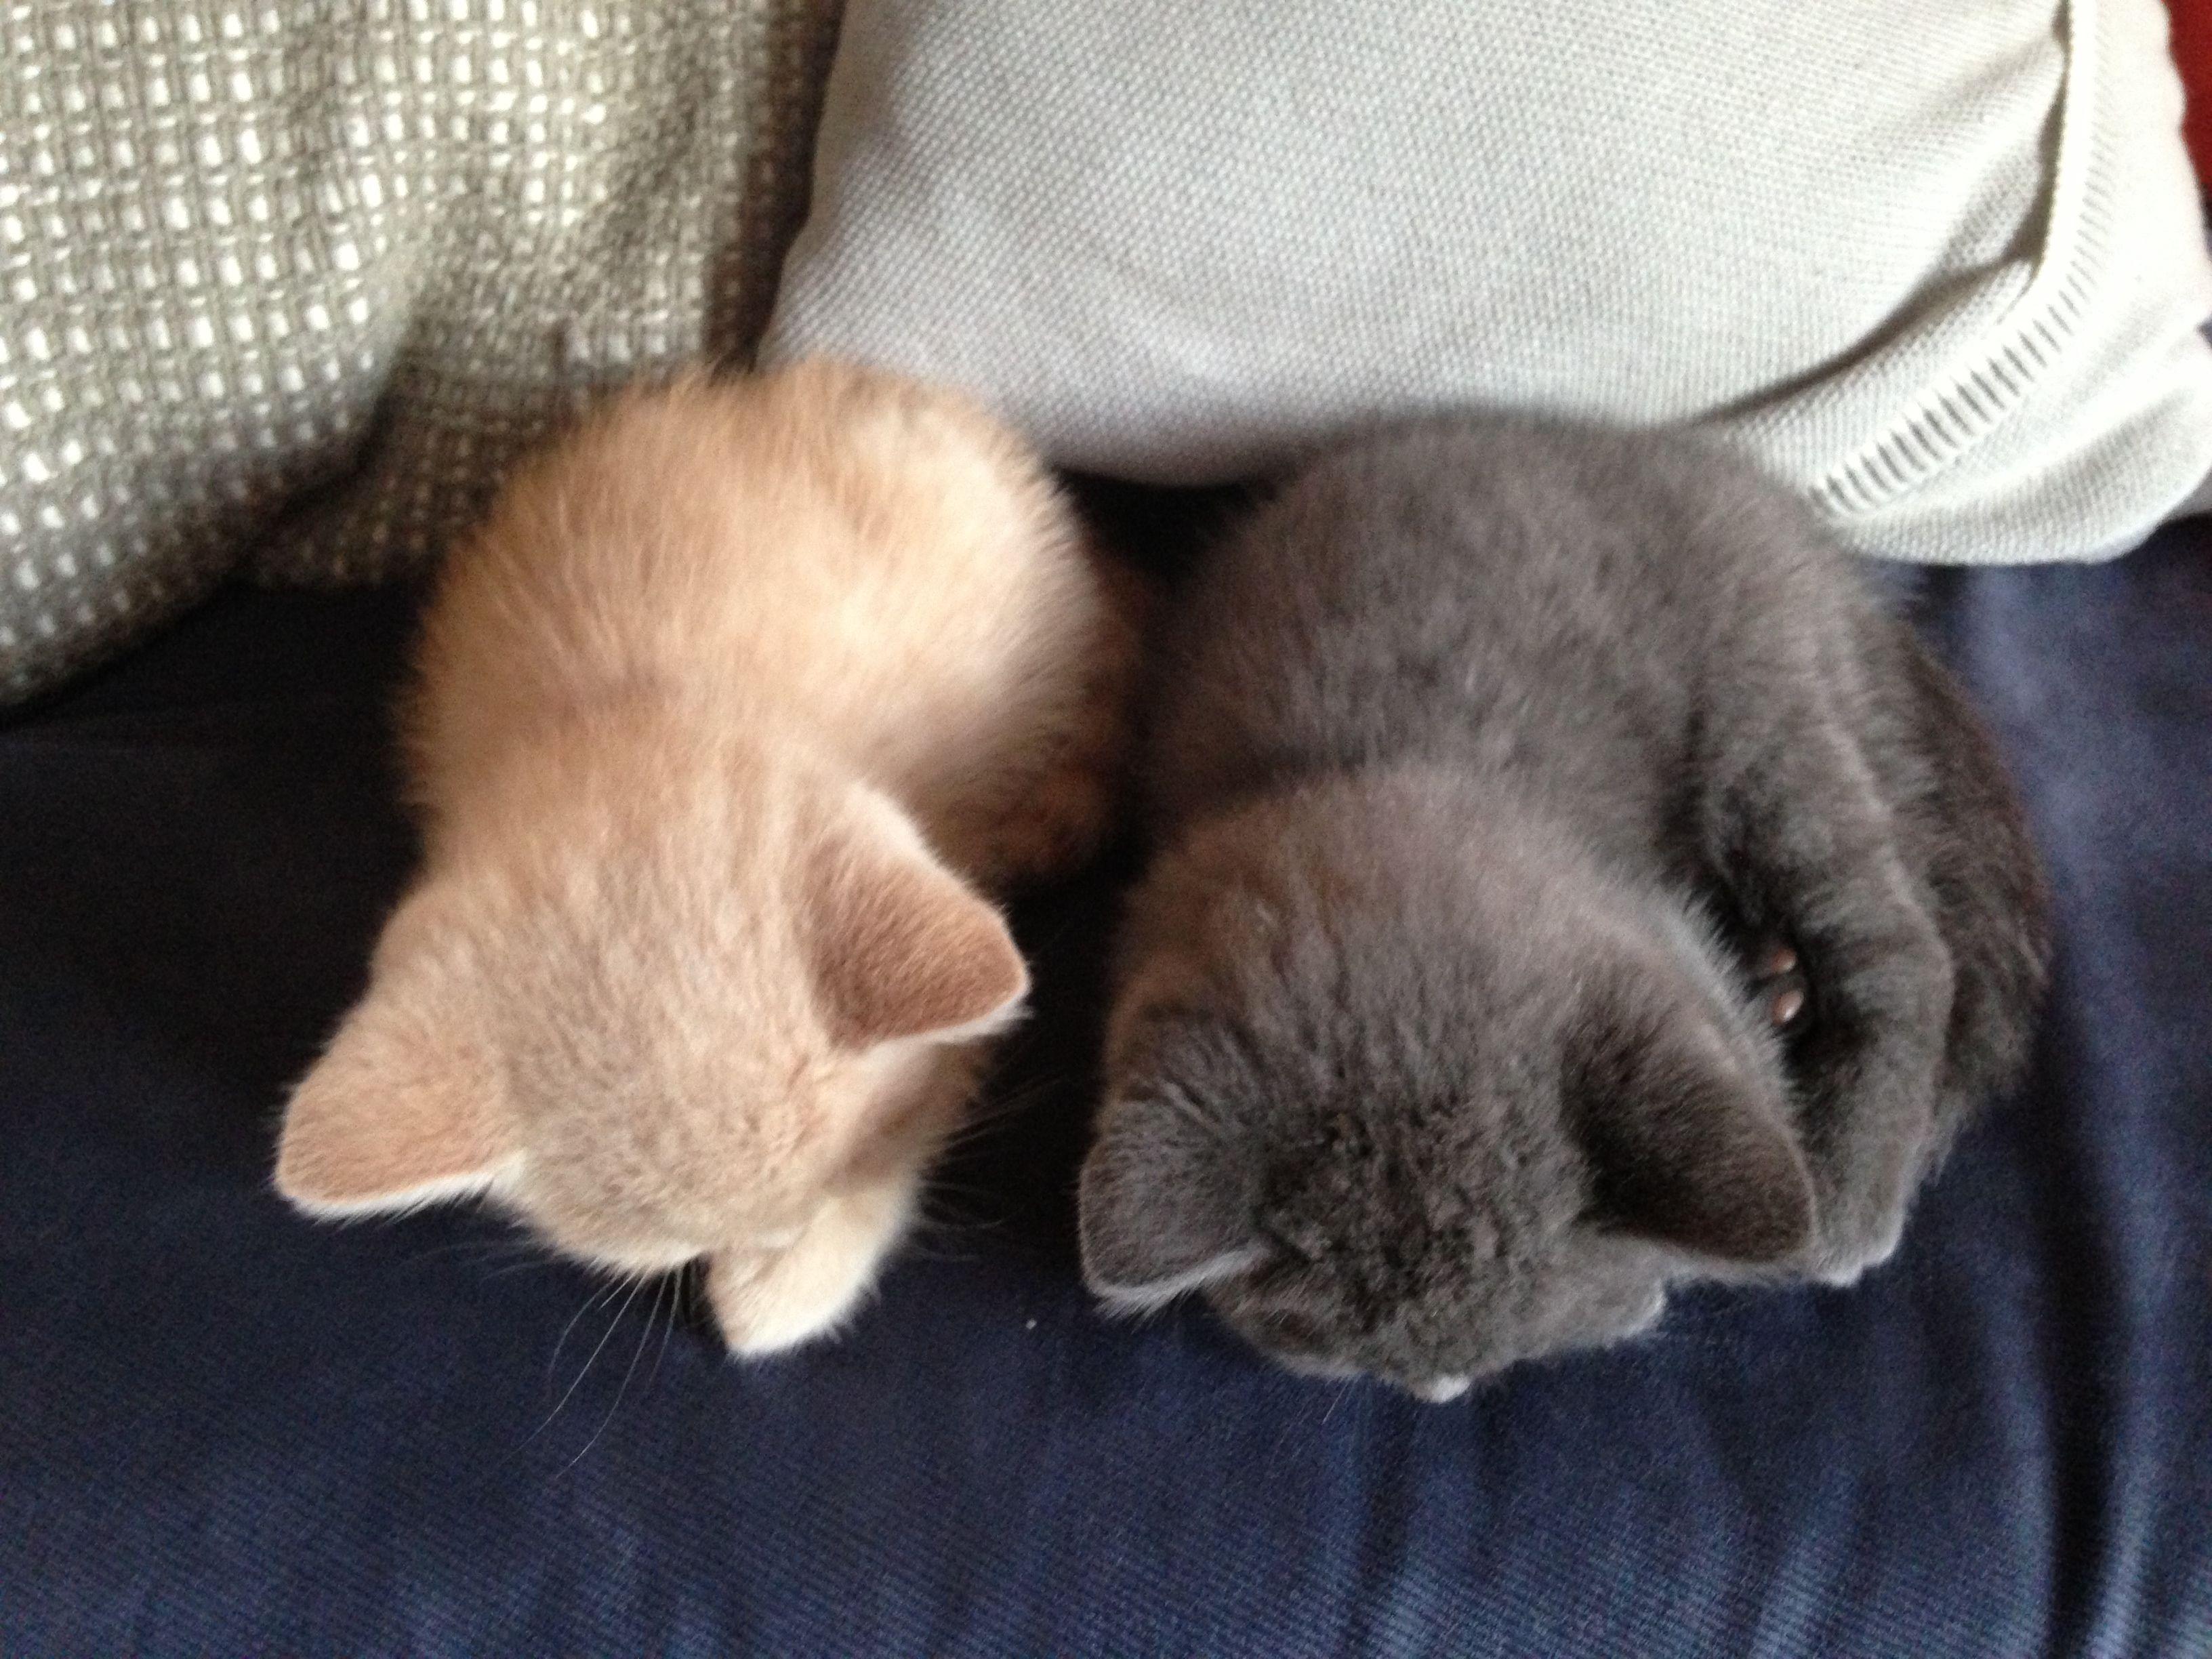 Brothers British Shorthair Kittens 8 Weeks Old Cute Cats And Dogs British Shorthair Kittens Kittens